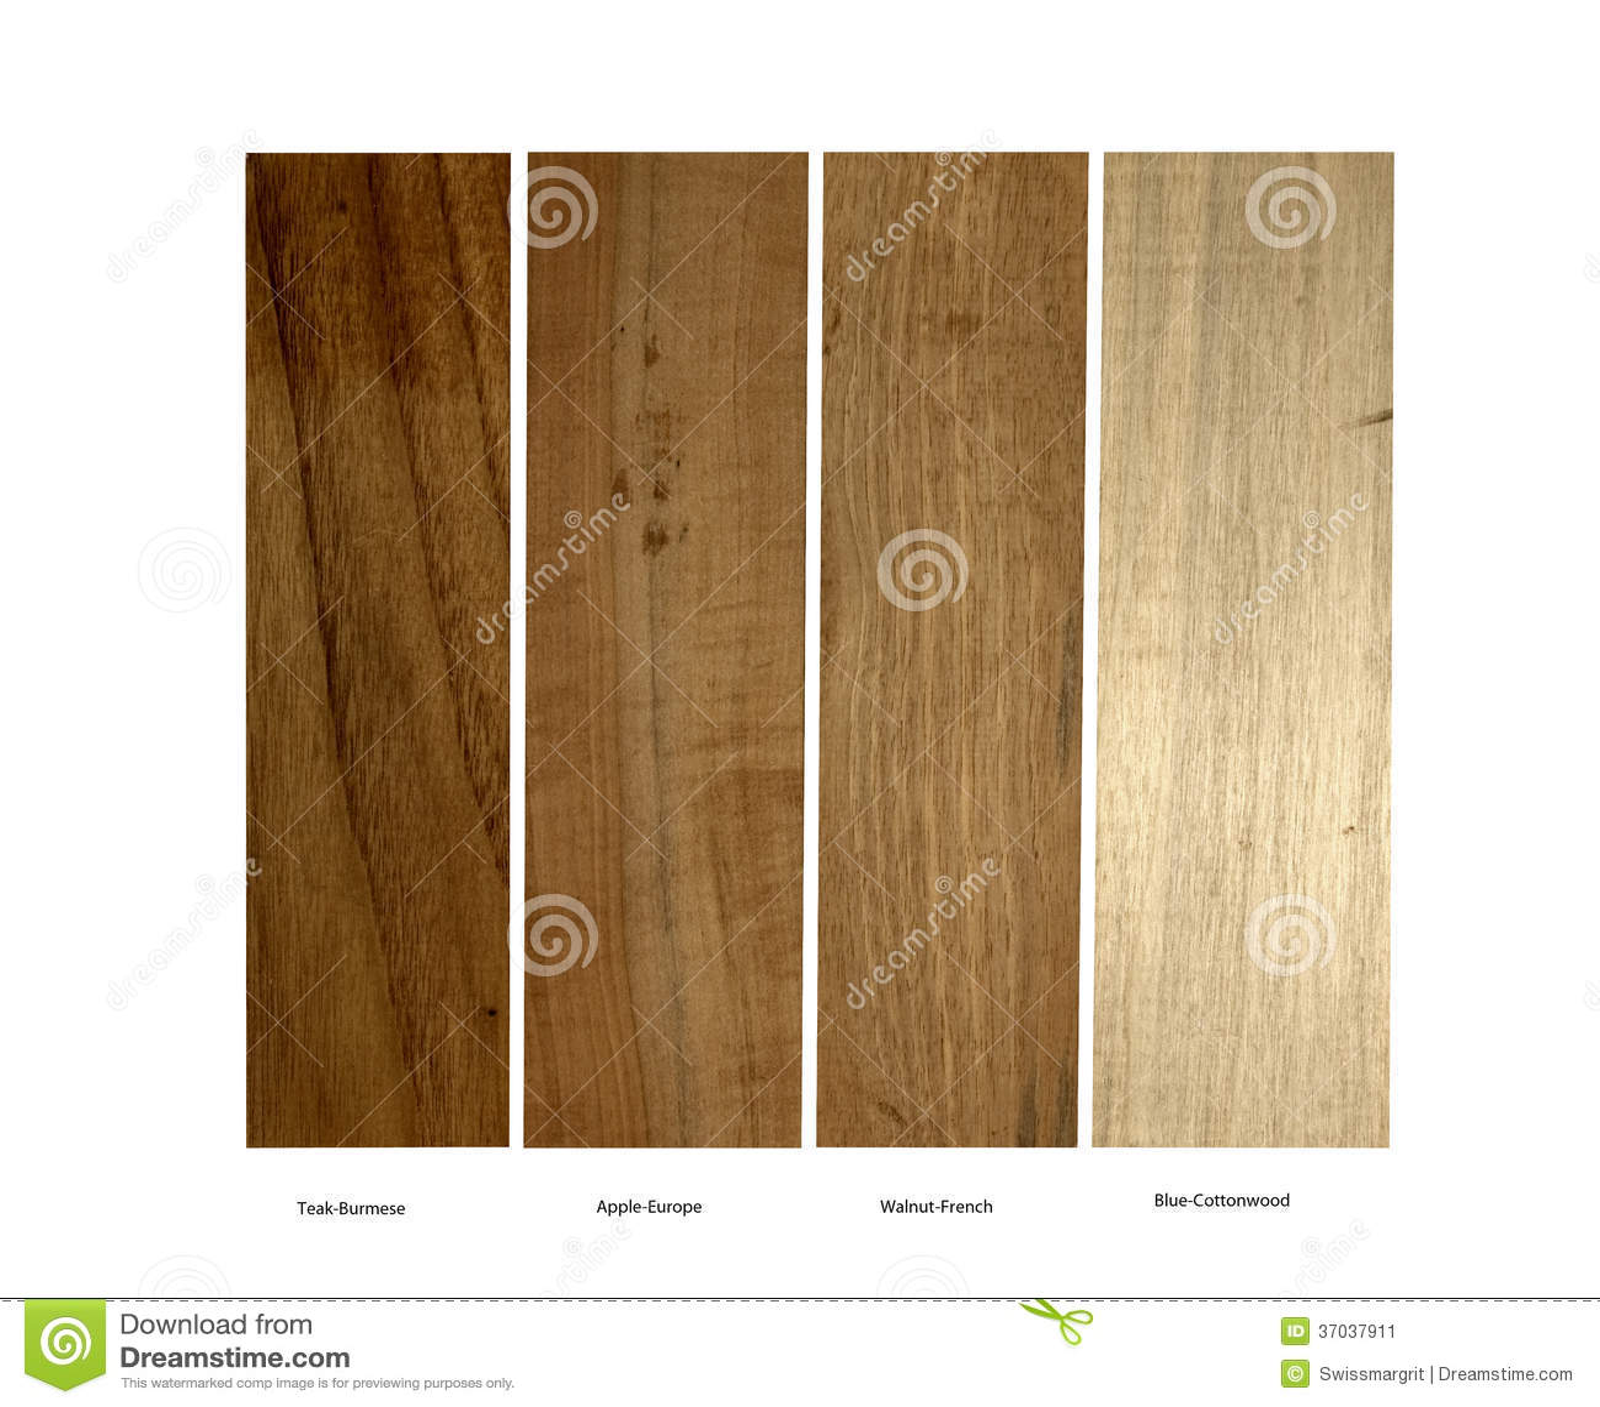 Teak Apple Walnut And Blue Cottonwood Samples Stock Image